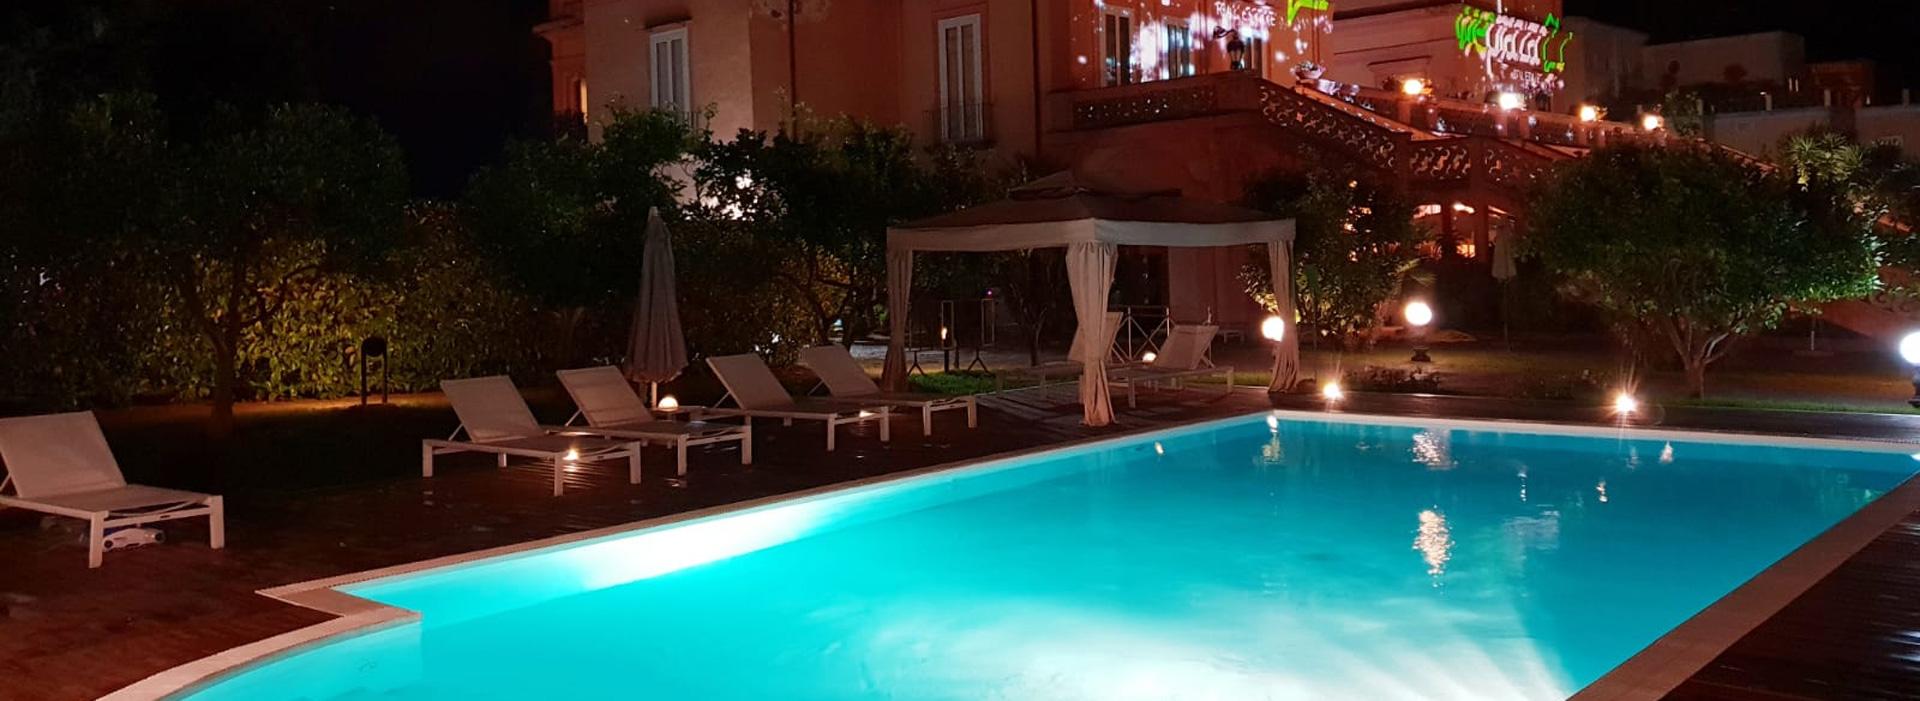 villasignorini_hotel_a_ercolano_foto_piscina_esterna_di_notte